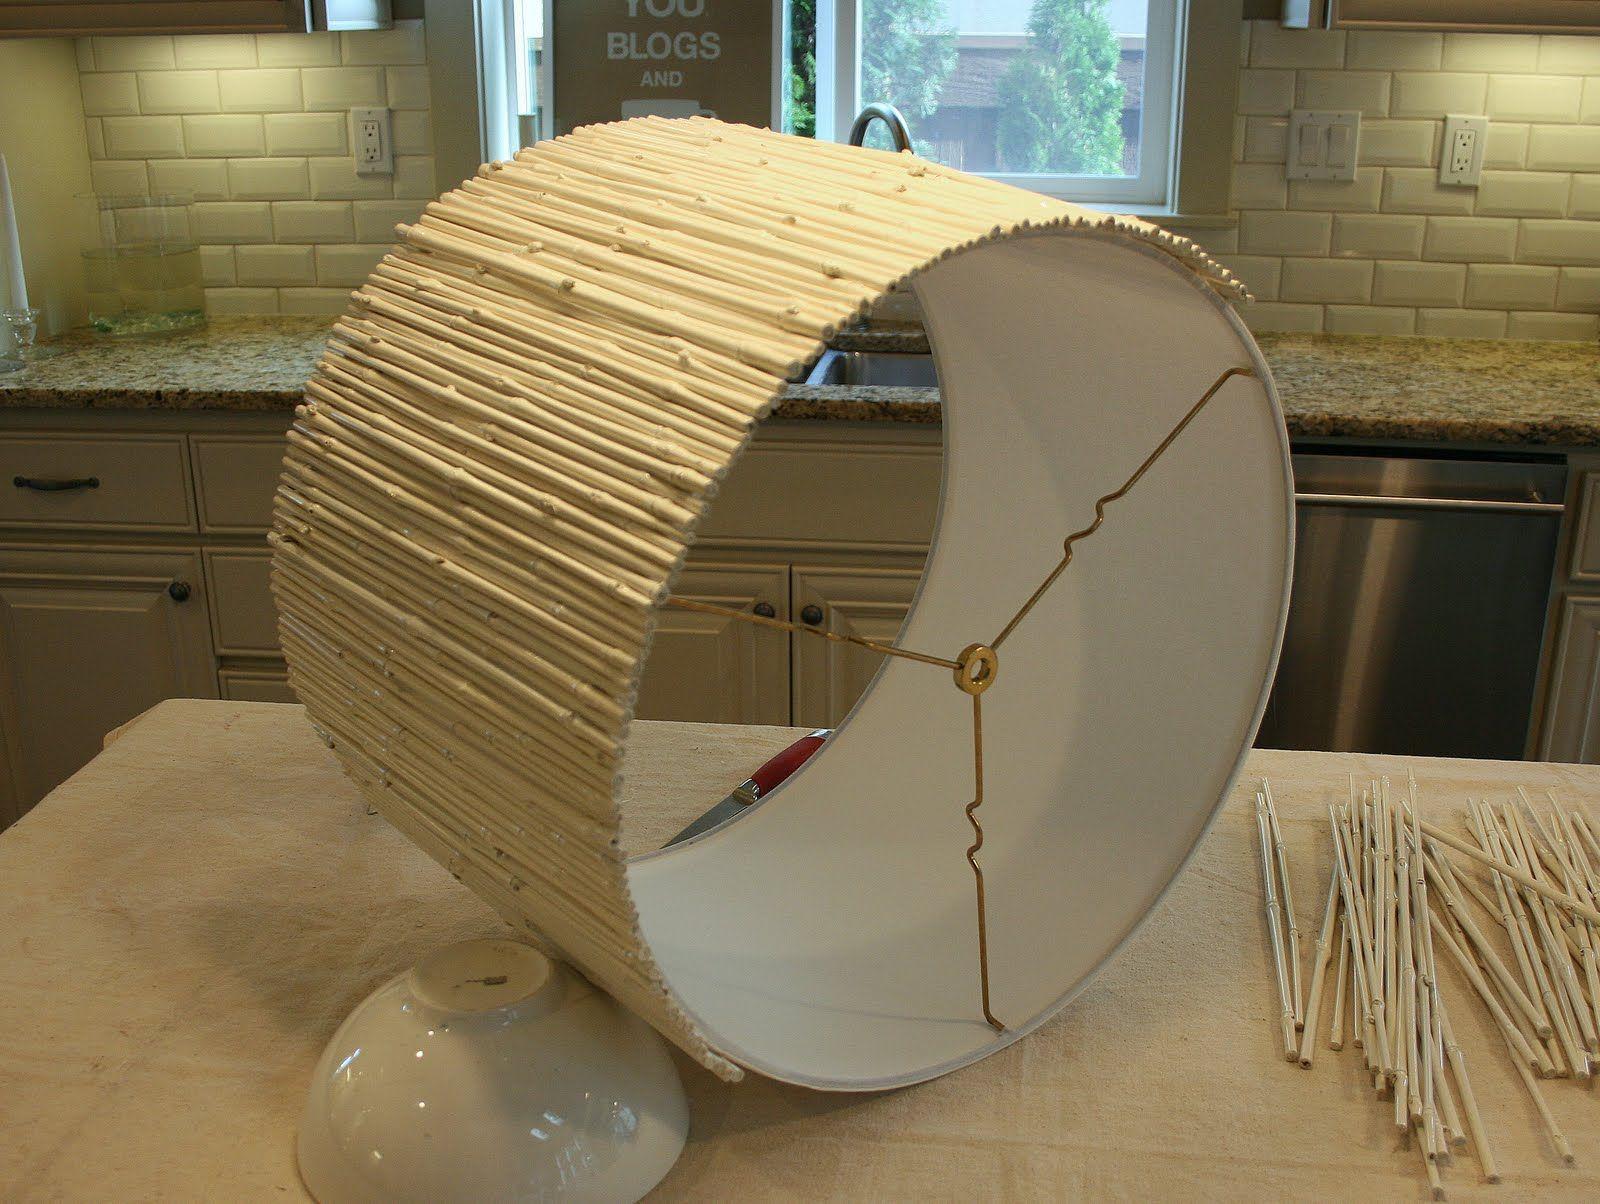 diy bamboo craft projects | DIY Bamboo Lamp Shade.....love ...